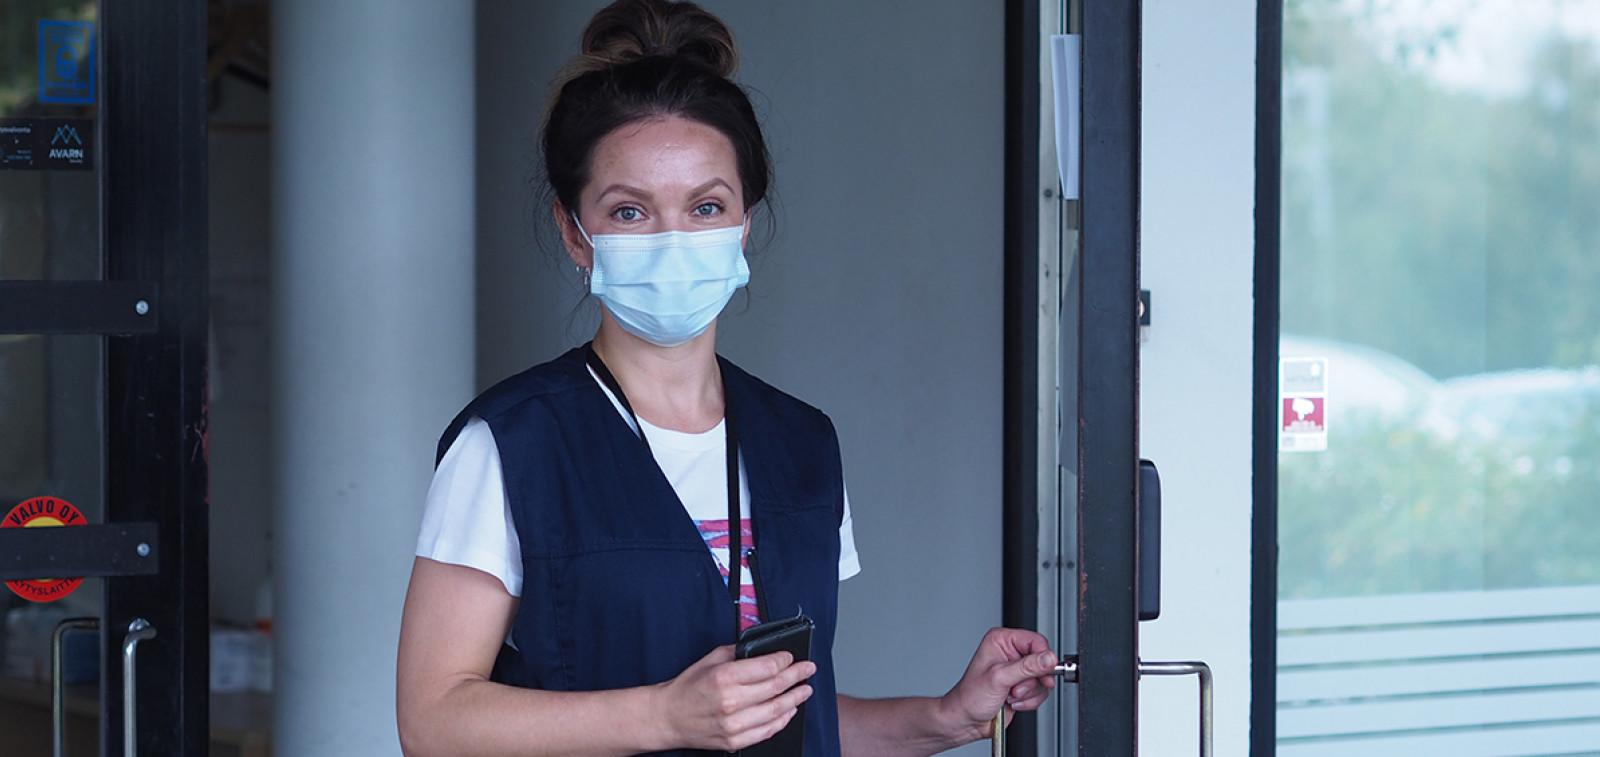 Nainen maski kasvoillaan valkoisessa lyhythihaisessa paidassa pitää kiinni avoimen oven kahvasta